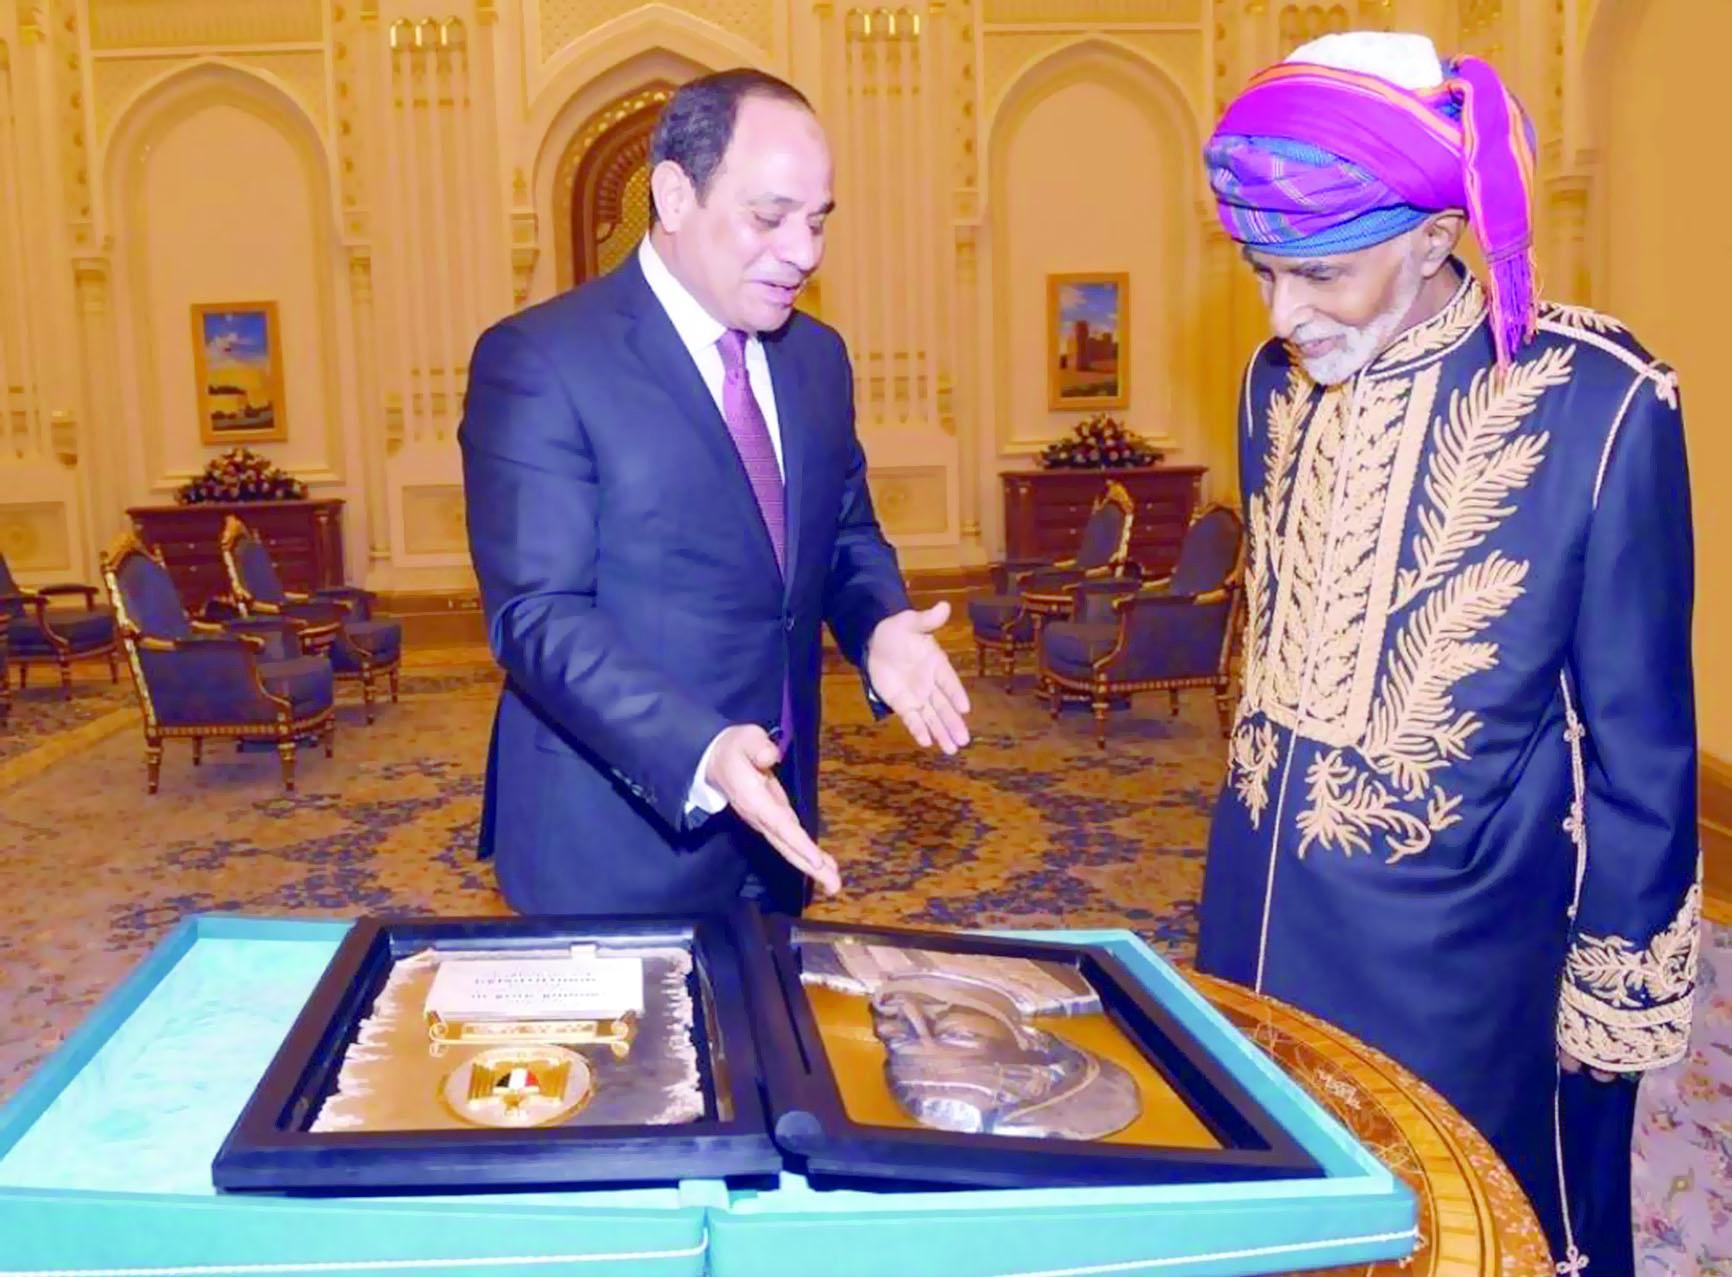 السلطان قابوس أبتعد عن سياسة المظاهر  والأصداء الرنانة